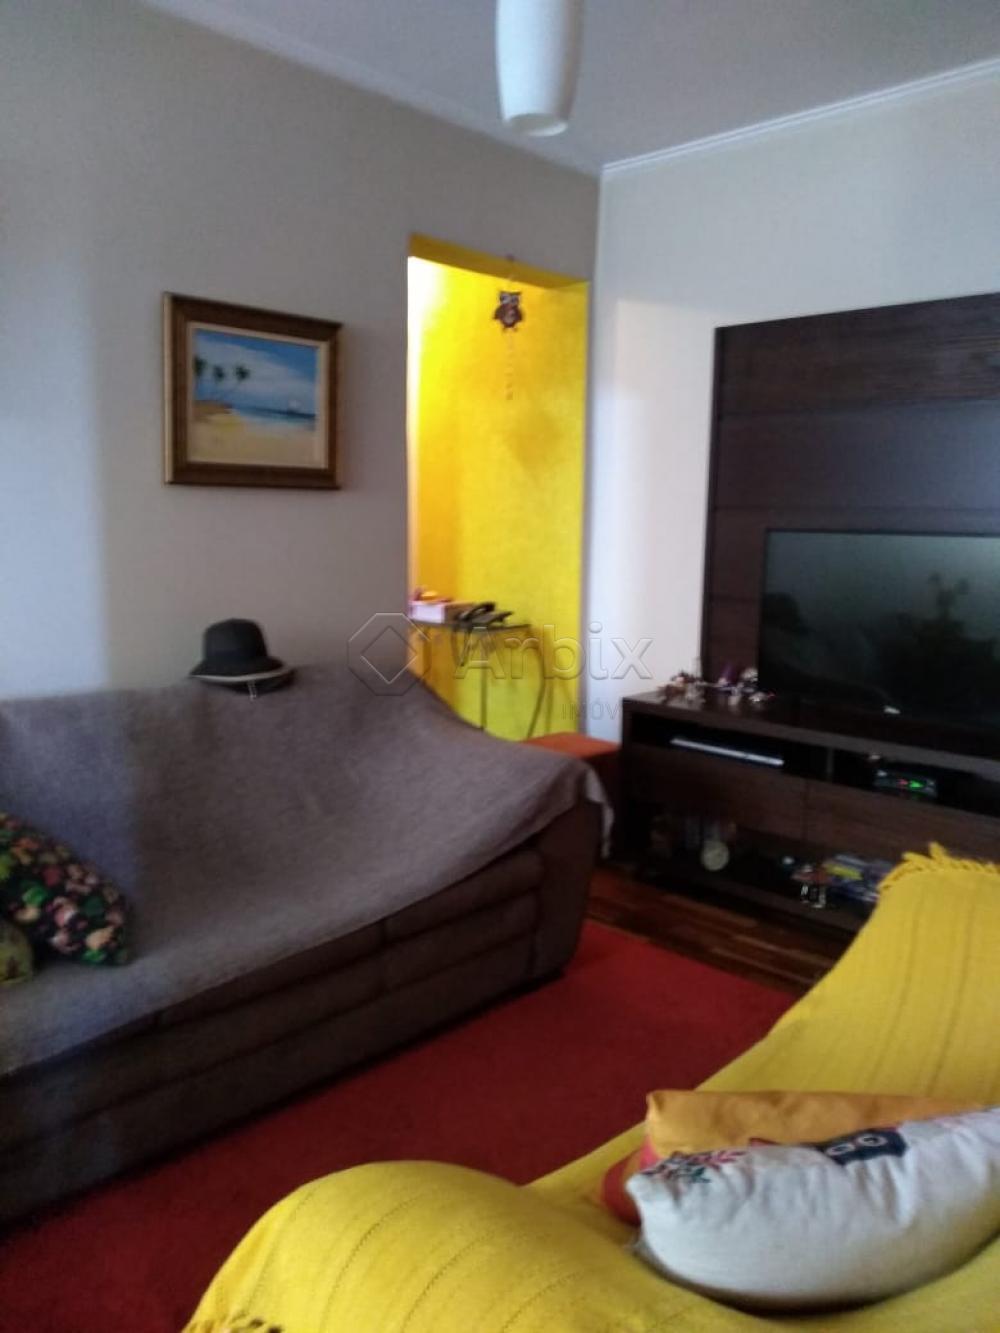 Comprar Apartamento / Padrão em Americana apenas R$ 280.000,00 - Foto 1